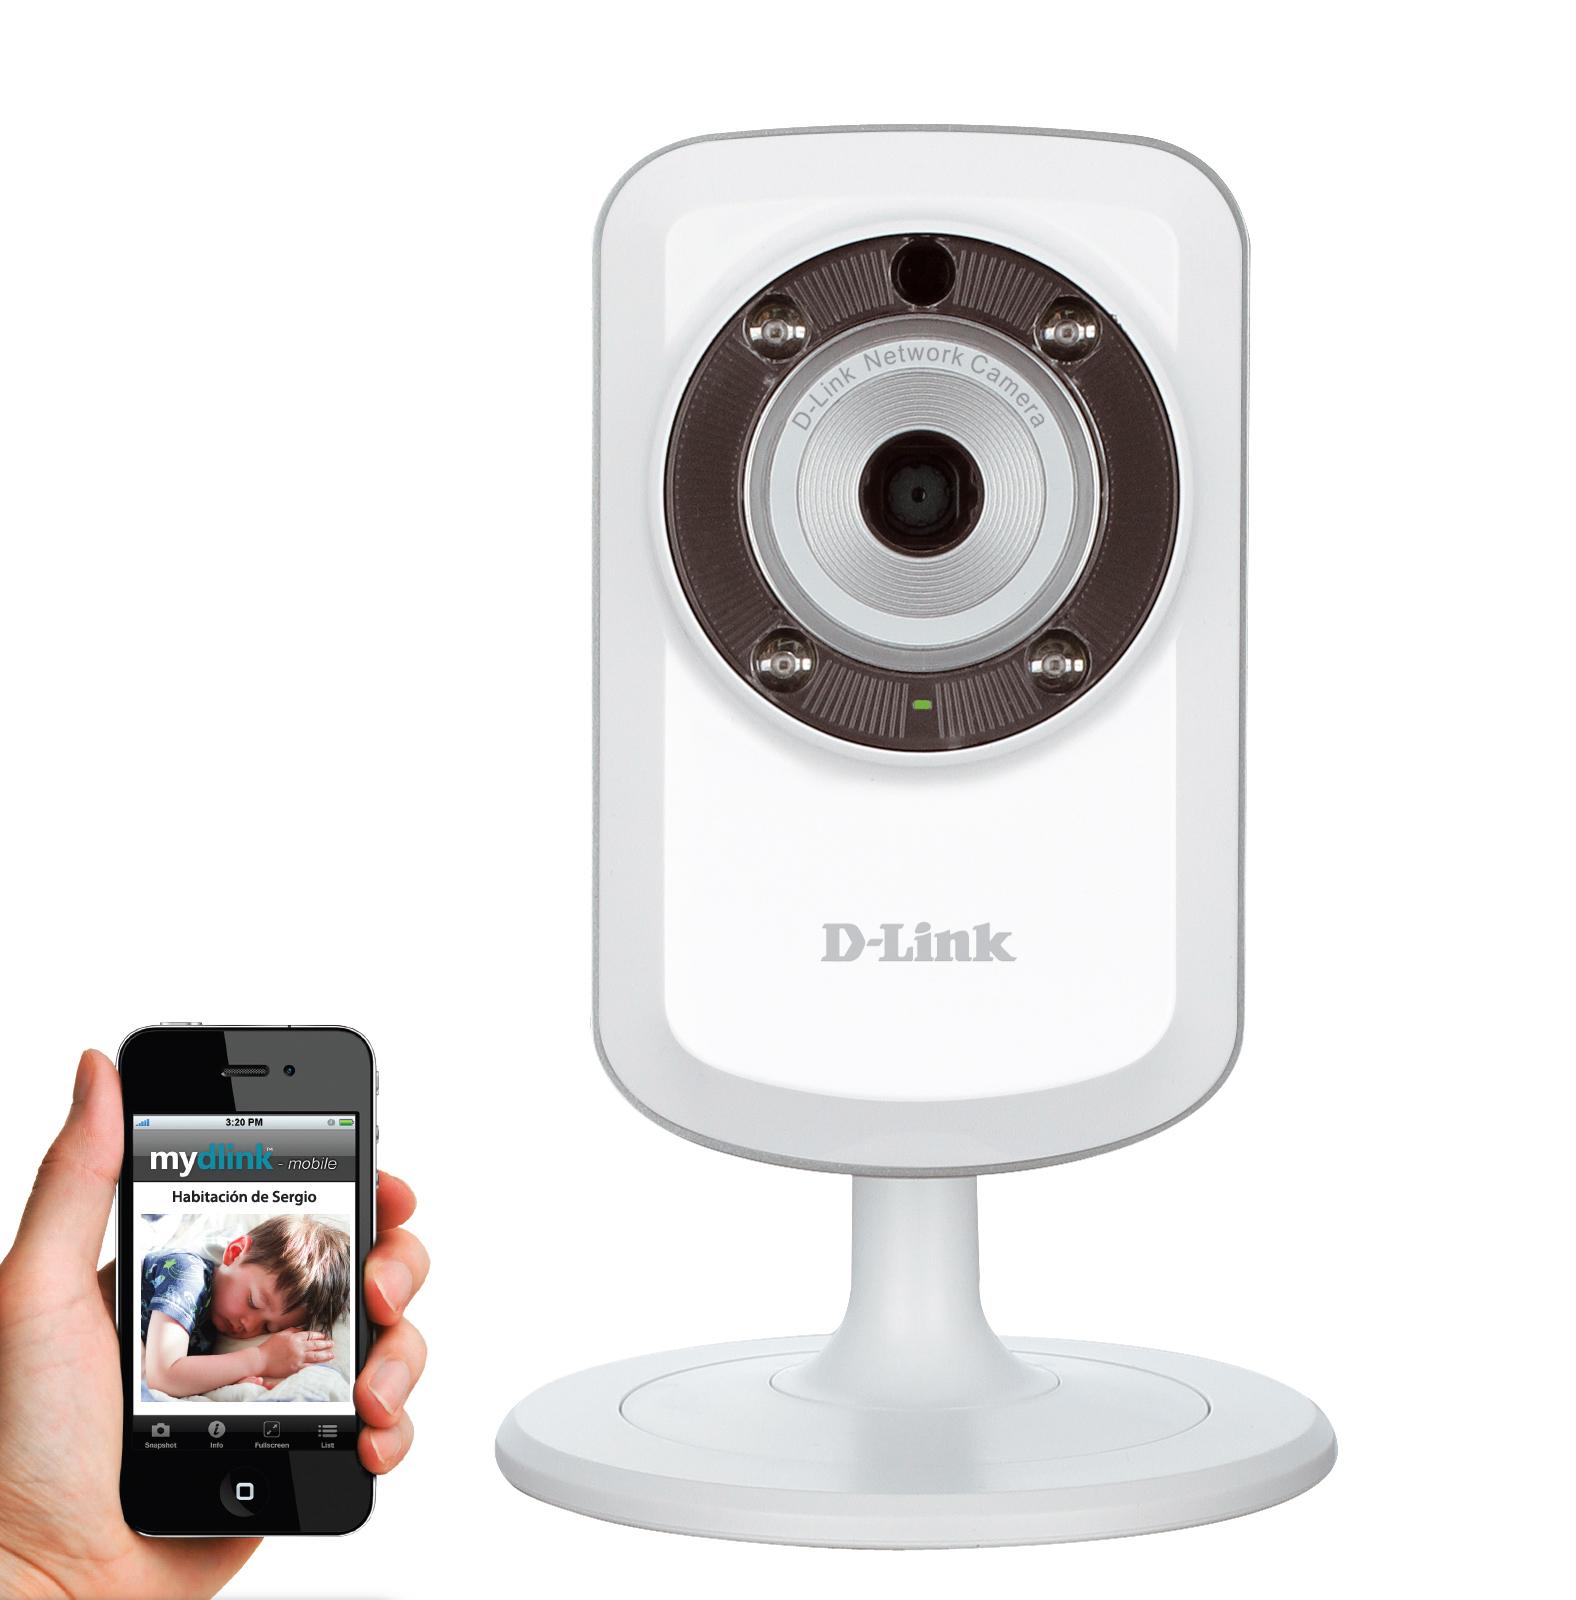 Telecamera ip di d link dcs 933l videosorveglianza per - Camaras de seguridad wifi ...